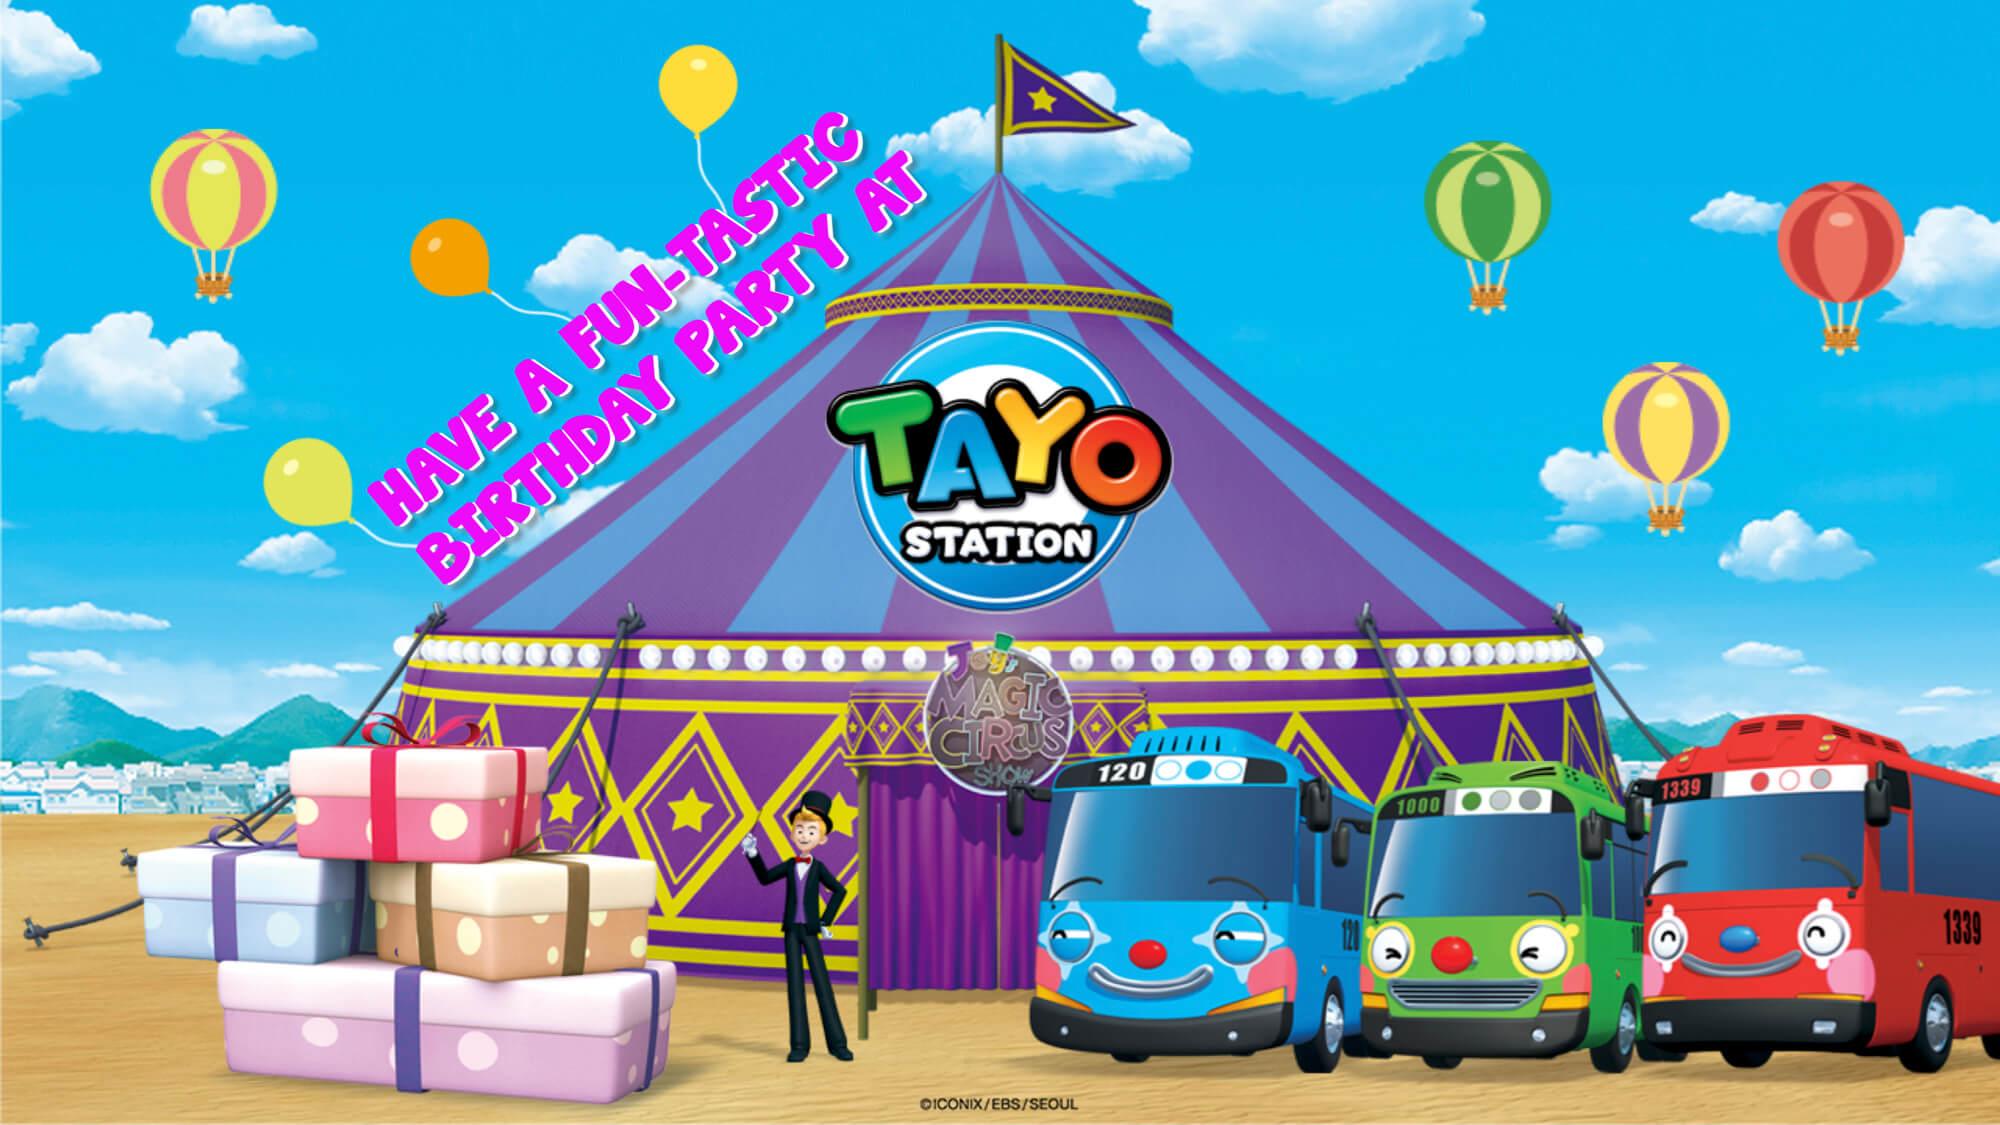 Birthday Party Tayo Station